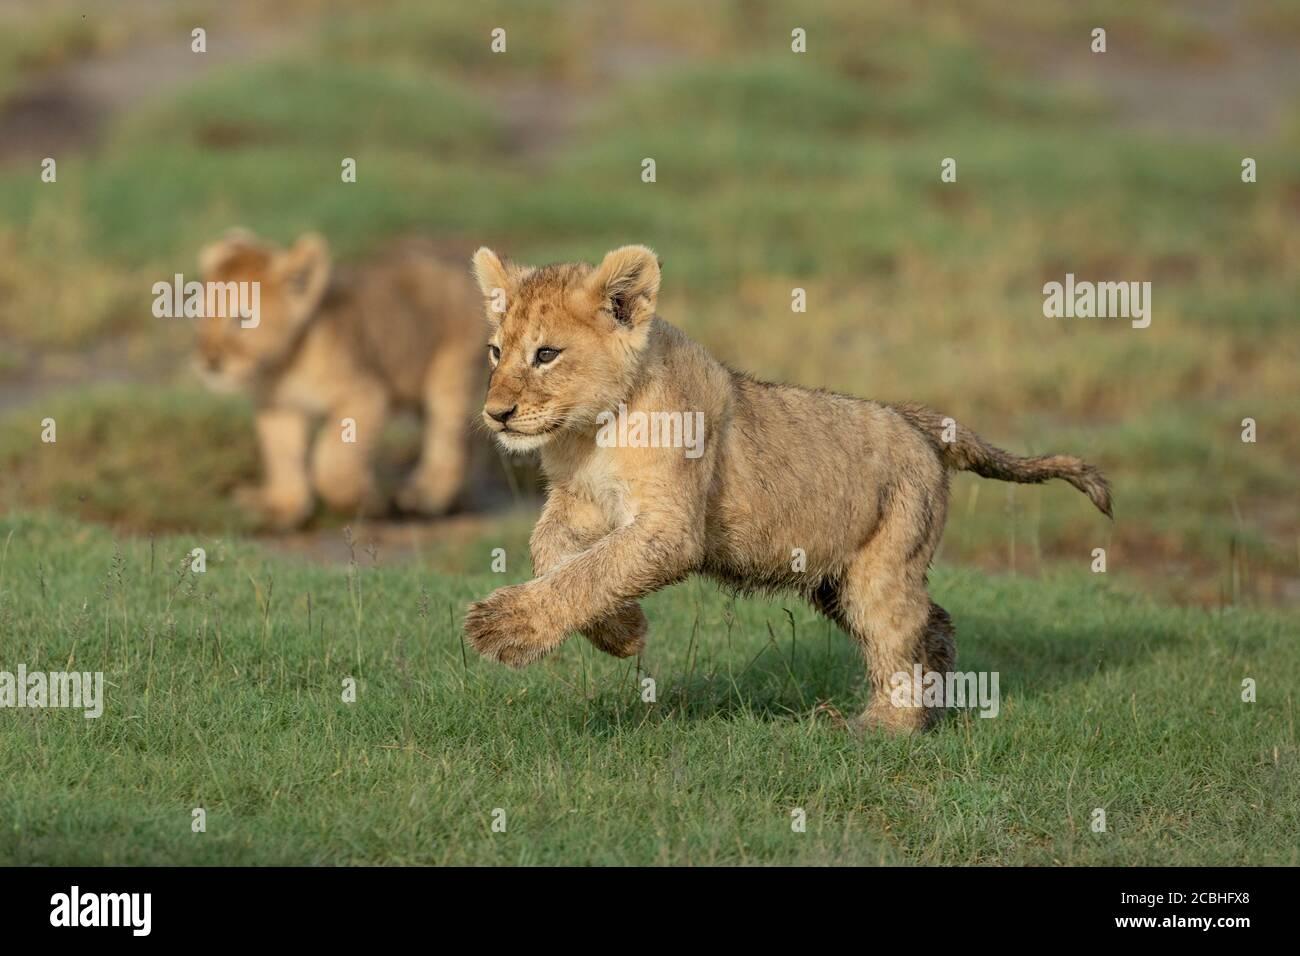 Cute cachorro de león corriendo a través de hierba verde con hermano adentro Fondo en la cálida luz de la tarde en Ndutu Tanzania Foto de stock